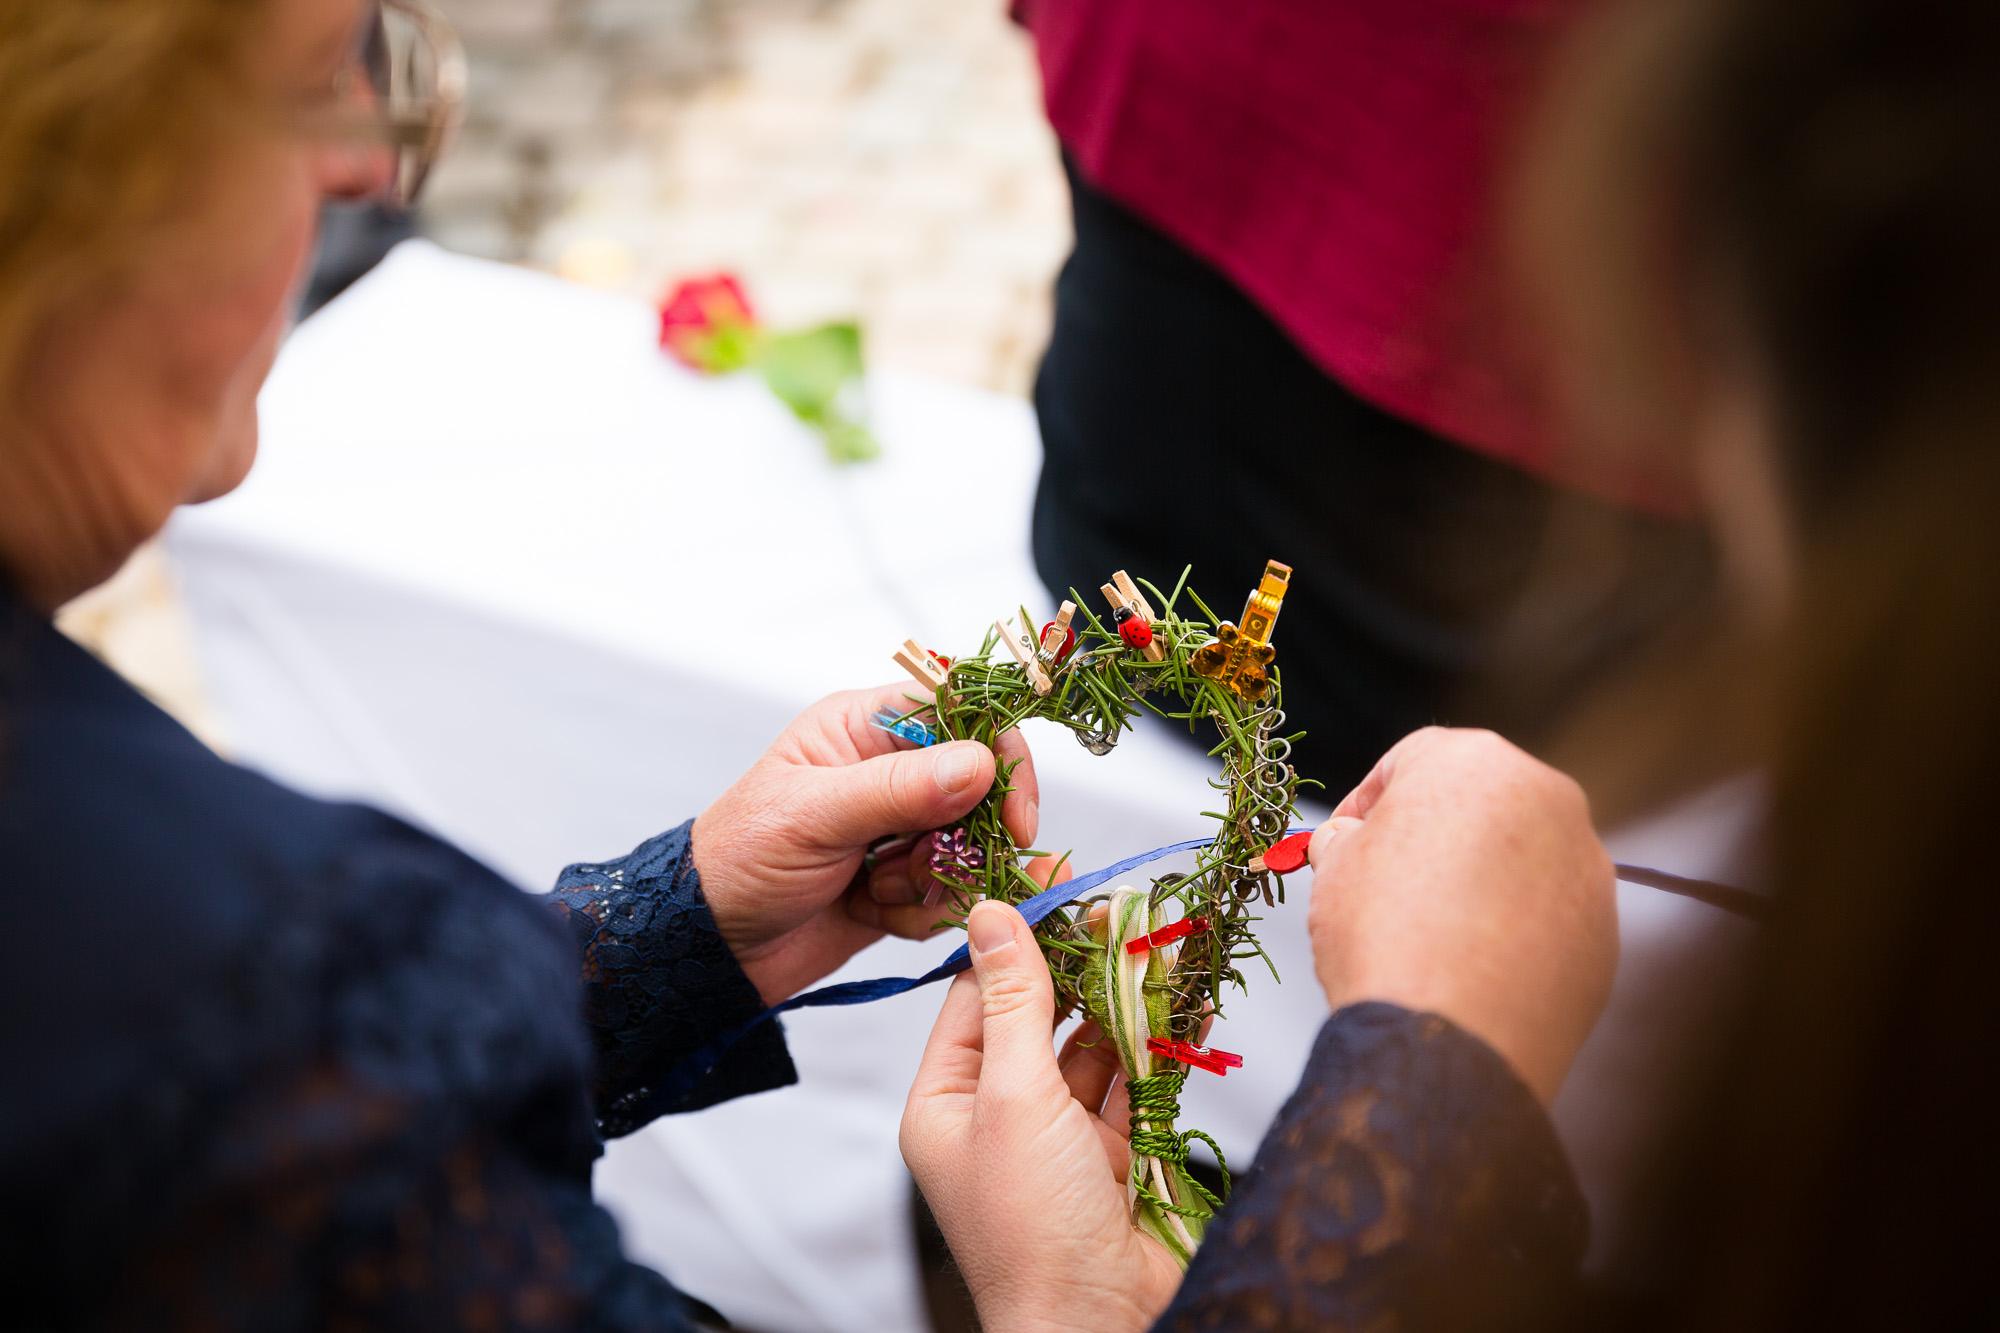 Trauung / Hochzeitszeremonie | © Andreas Bender